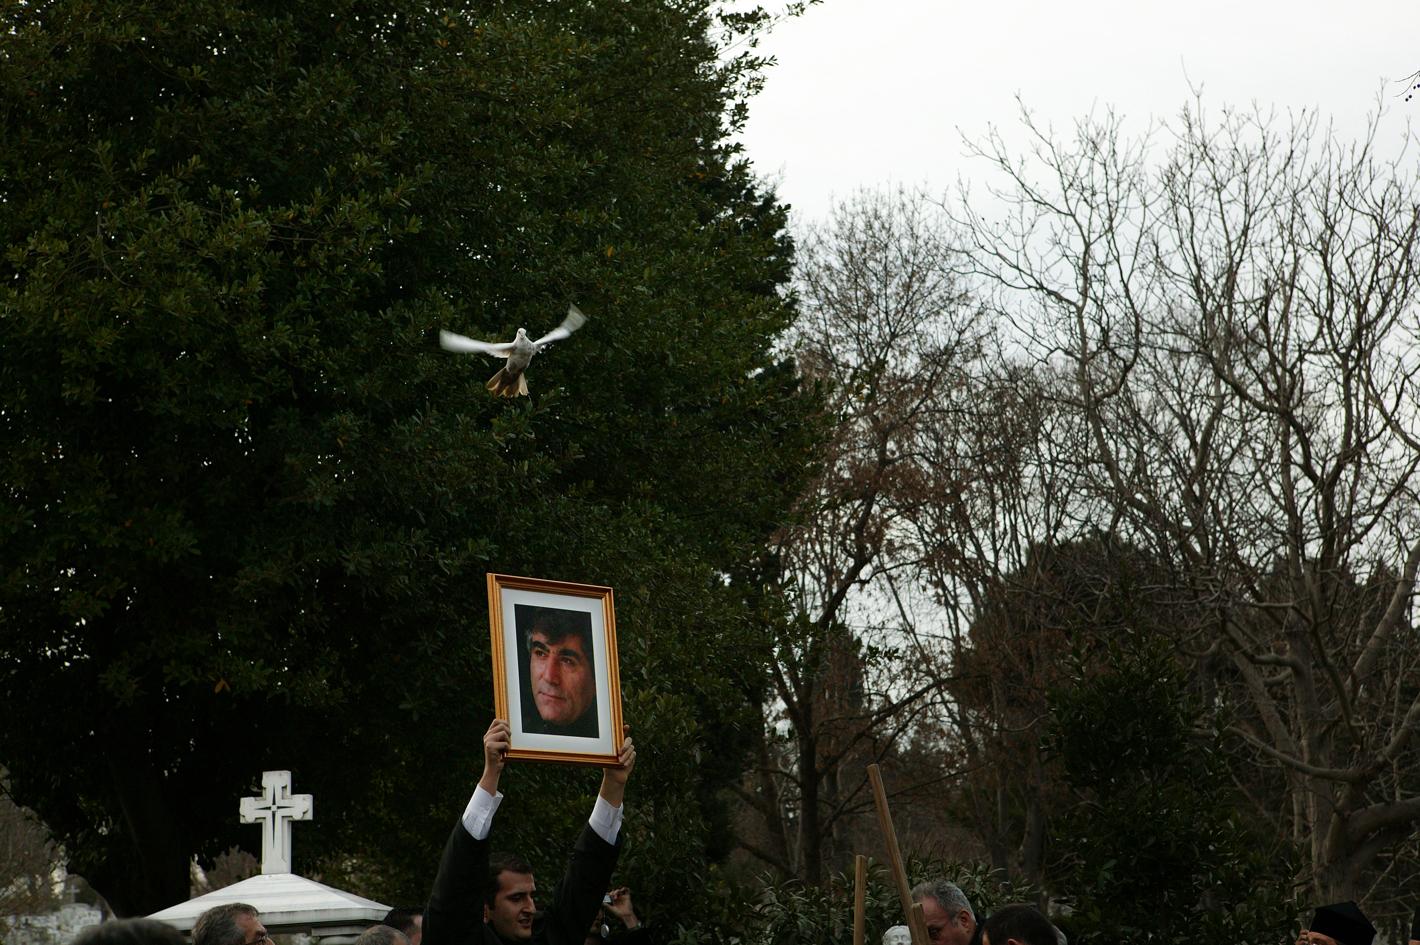 Kerem Uzel                Gazeteci Hrant Dink'in uğradığı suikastin ardından 100.000'den fazla kişinin katıldığı yürüyüş sonrası, Balıklı Ermeni Mezarlığında düzenlenen tören.  İstanbul, 2007